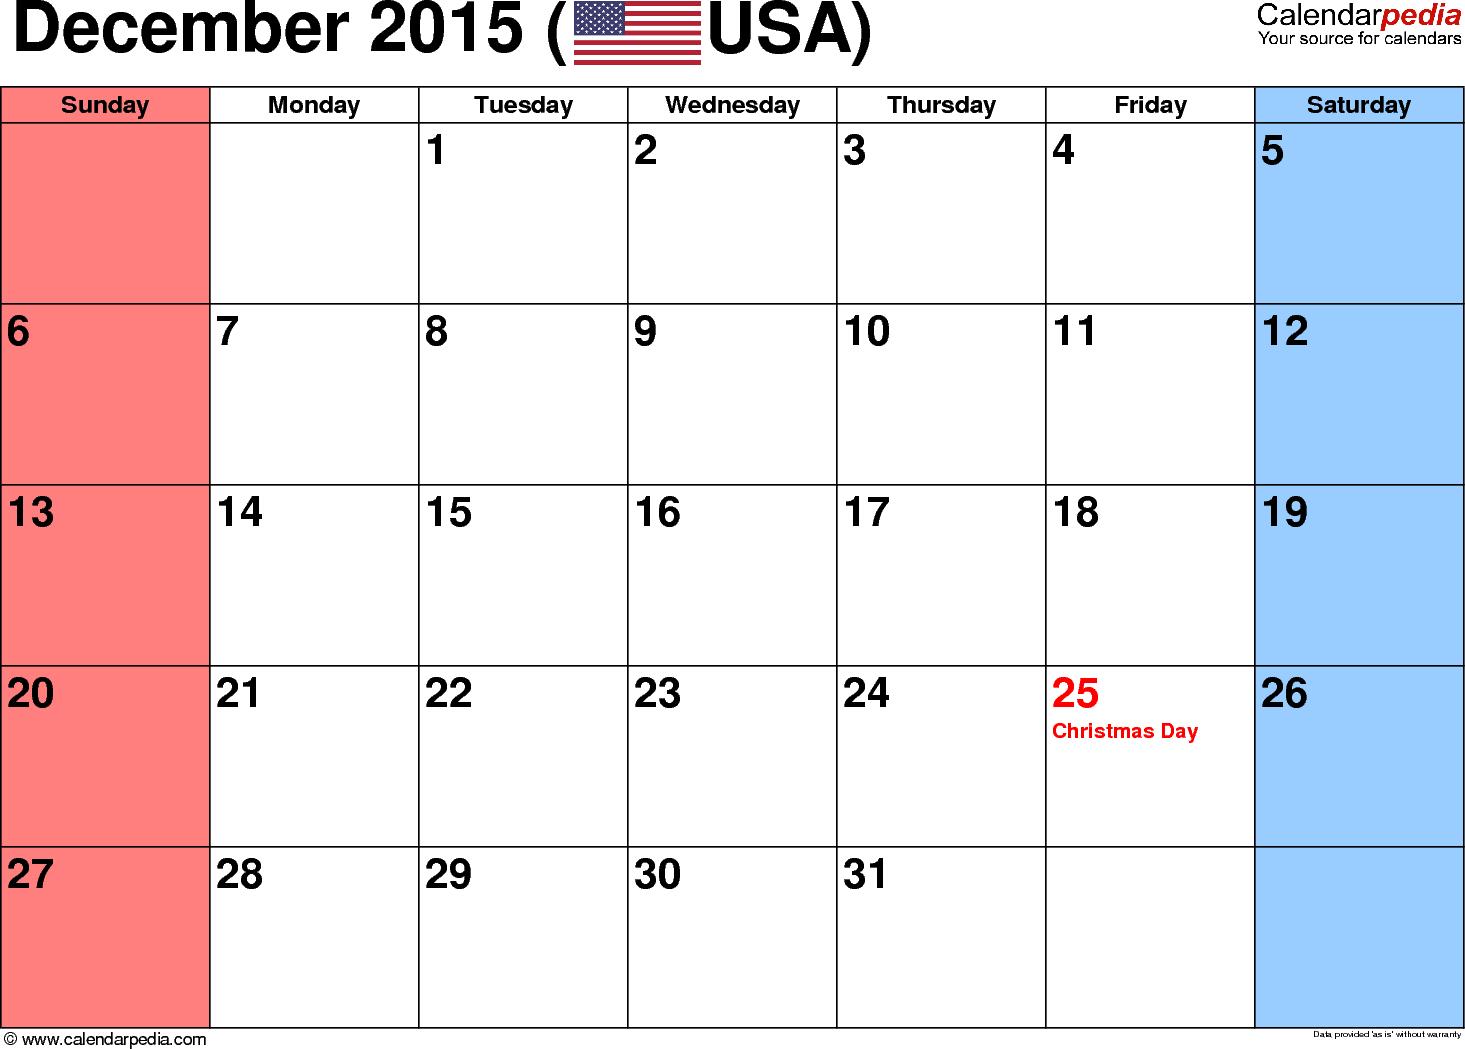 Blank December 2015 calendar